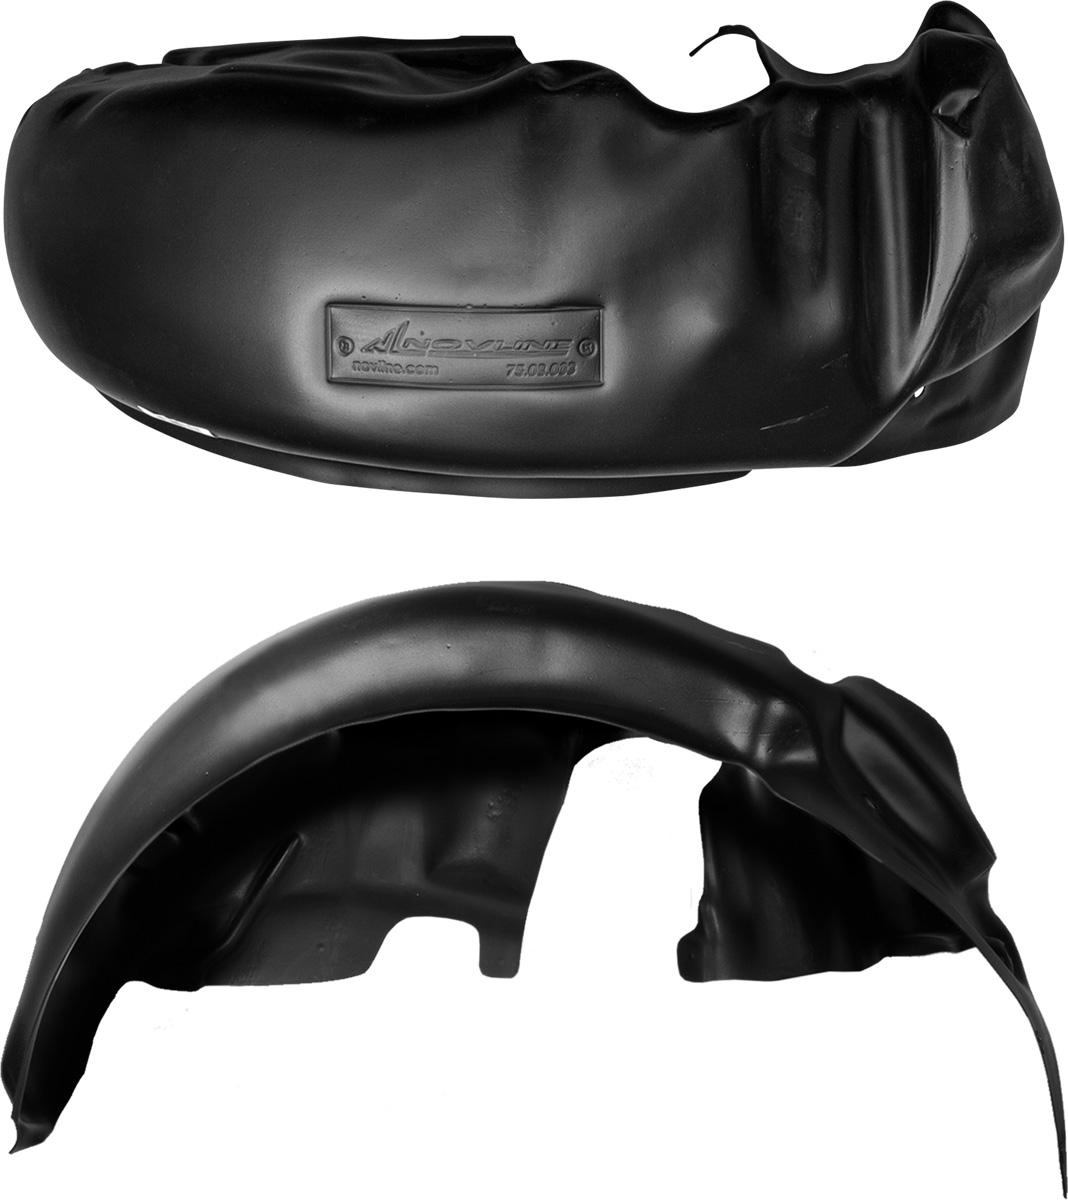 Подкрылок Novline-Autofamily, для Mitsubishi Pajero IV, 2006->, задний правыйCA-3505Колесные ниши - одни из самых уязвимых зон днища вашего автомобиля. Они постоянно подвергаются воздействию со стороны дороги. Лучшая, почти абсолютная защита для них - специально отформованные пластиковые кожухи, которые называются подкрылками. Производятся они как для отечественных моделей автомобилей, так и для иномарок. Подкрылки Novline-Autofamily выполнены из высококачественного, экологически чистого пластика. Обеспечивают надежную защиту кузова автомобиля от пескоструйного эффекта и негативного влияния, агрессивных антигололедных реагентов. Пластик обладает более низкой теплопроводностью, чем металл, поэтому в зимний период эксплуатации использование пластиковых подкрылков позволяет лучше защитить колесные ниши от налипания снега и образования наледи. Оригинальность конструкции подчеркивает элегантность автомобиля, бережно защищает нанесенное на днище кузова антикоррозийное покрытие и позволяет осуществить крепление подкрылков внутри колесной арки практически без дополнительного крепежа и сверления, не нарушая при этом лакокрасочного покрытия, что предотвращает возникновение новых очагов коррозии. Подкрылки долговечны, обладают высокой прочностью и сохраняют заданную форму, а также все свои физико-механические характеристики в самых тяжелых климатических условиях (от -50°С до +50°С).Уважаемые клиенты!Обращаем ваше внимание, на тот факт, что подкрылок имеет форму, соответствующую модели данного автомобиля. Фото служит для визуального восприятия товара.